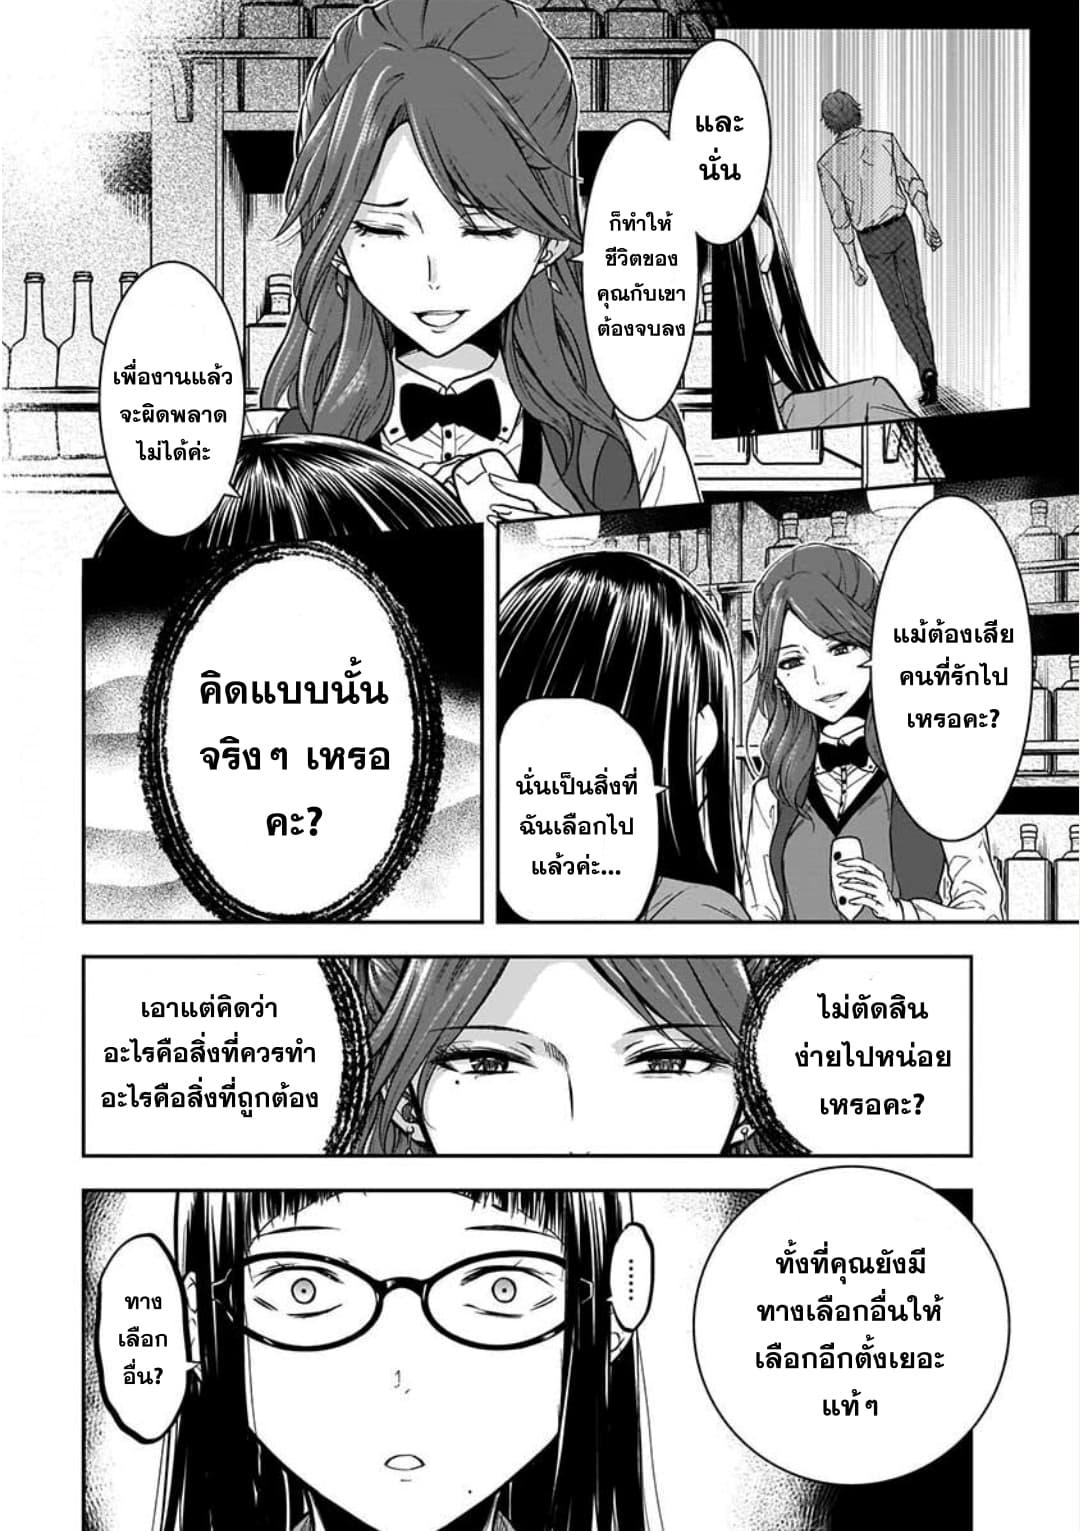 อ่านการ์ตูน Kanojo Gacha ตอนที่ 6 หน้าที่ 13